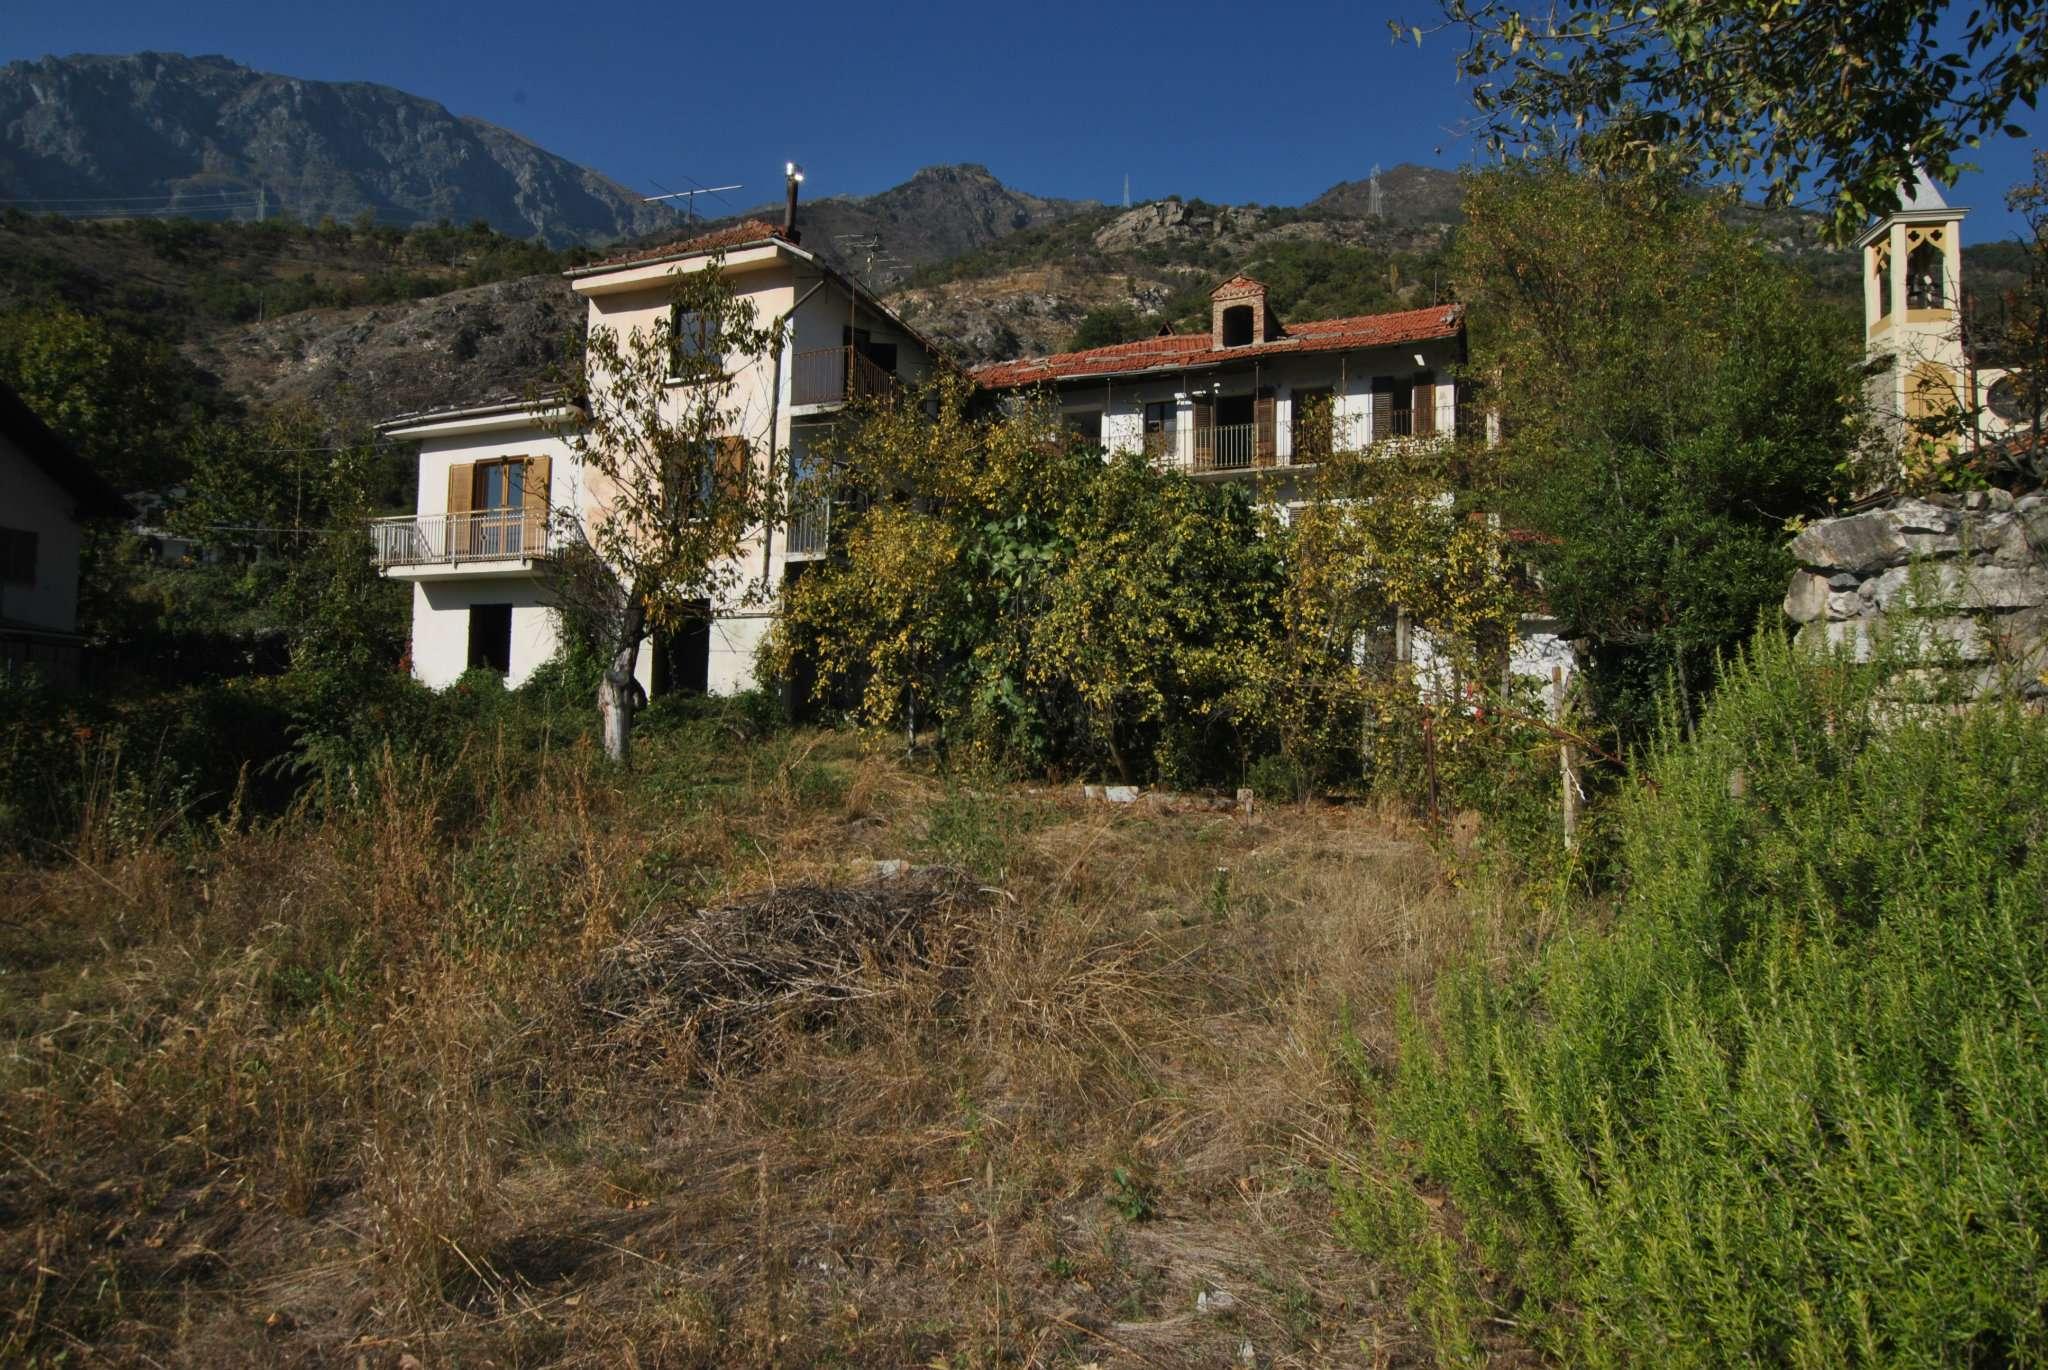 Rustico / Casale in vendita a Bussoleno, 9 locali, prezzo € 99.000 | PortaleAgenzieImmobiliari.it